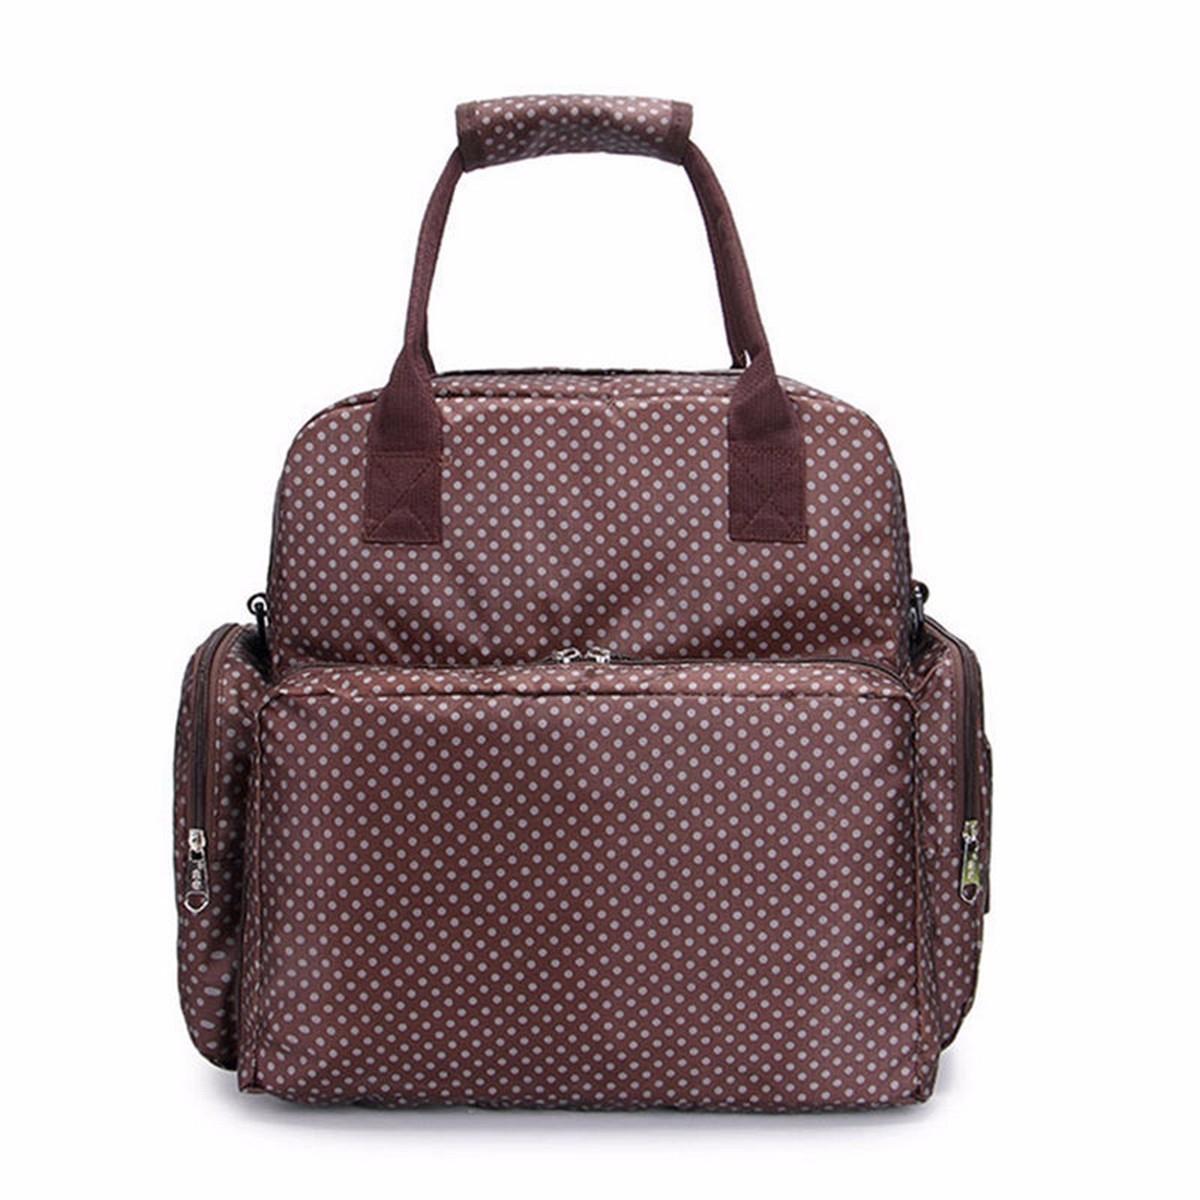 baby diaper shoulder bag nappy large backpack changing bag mummy tote handbag ebay. Black Bedroom Furniture Sets. Home Design Ideas